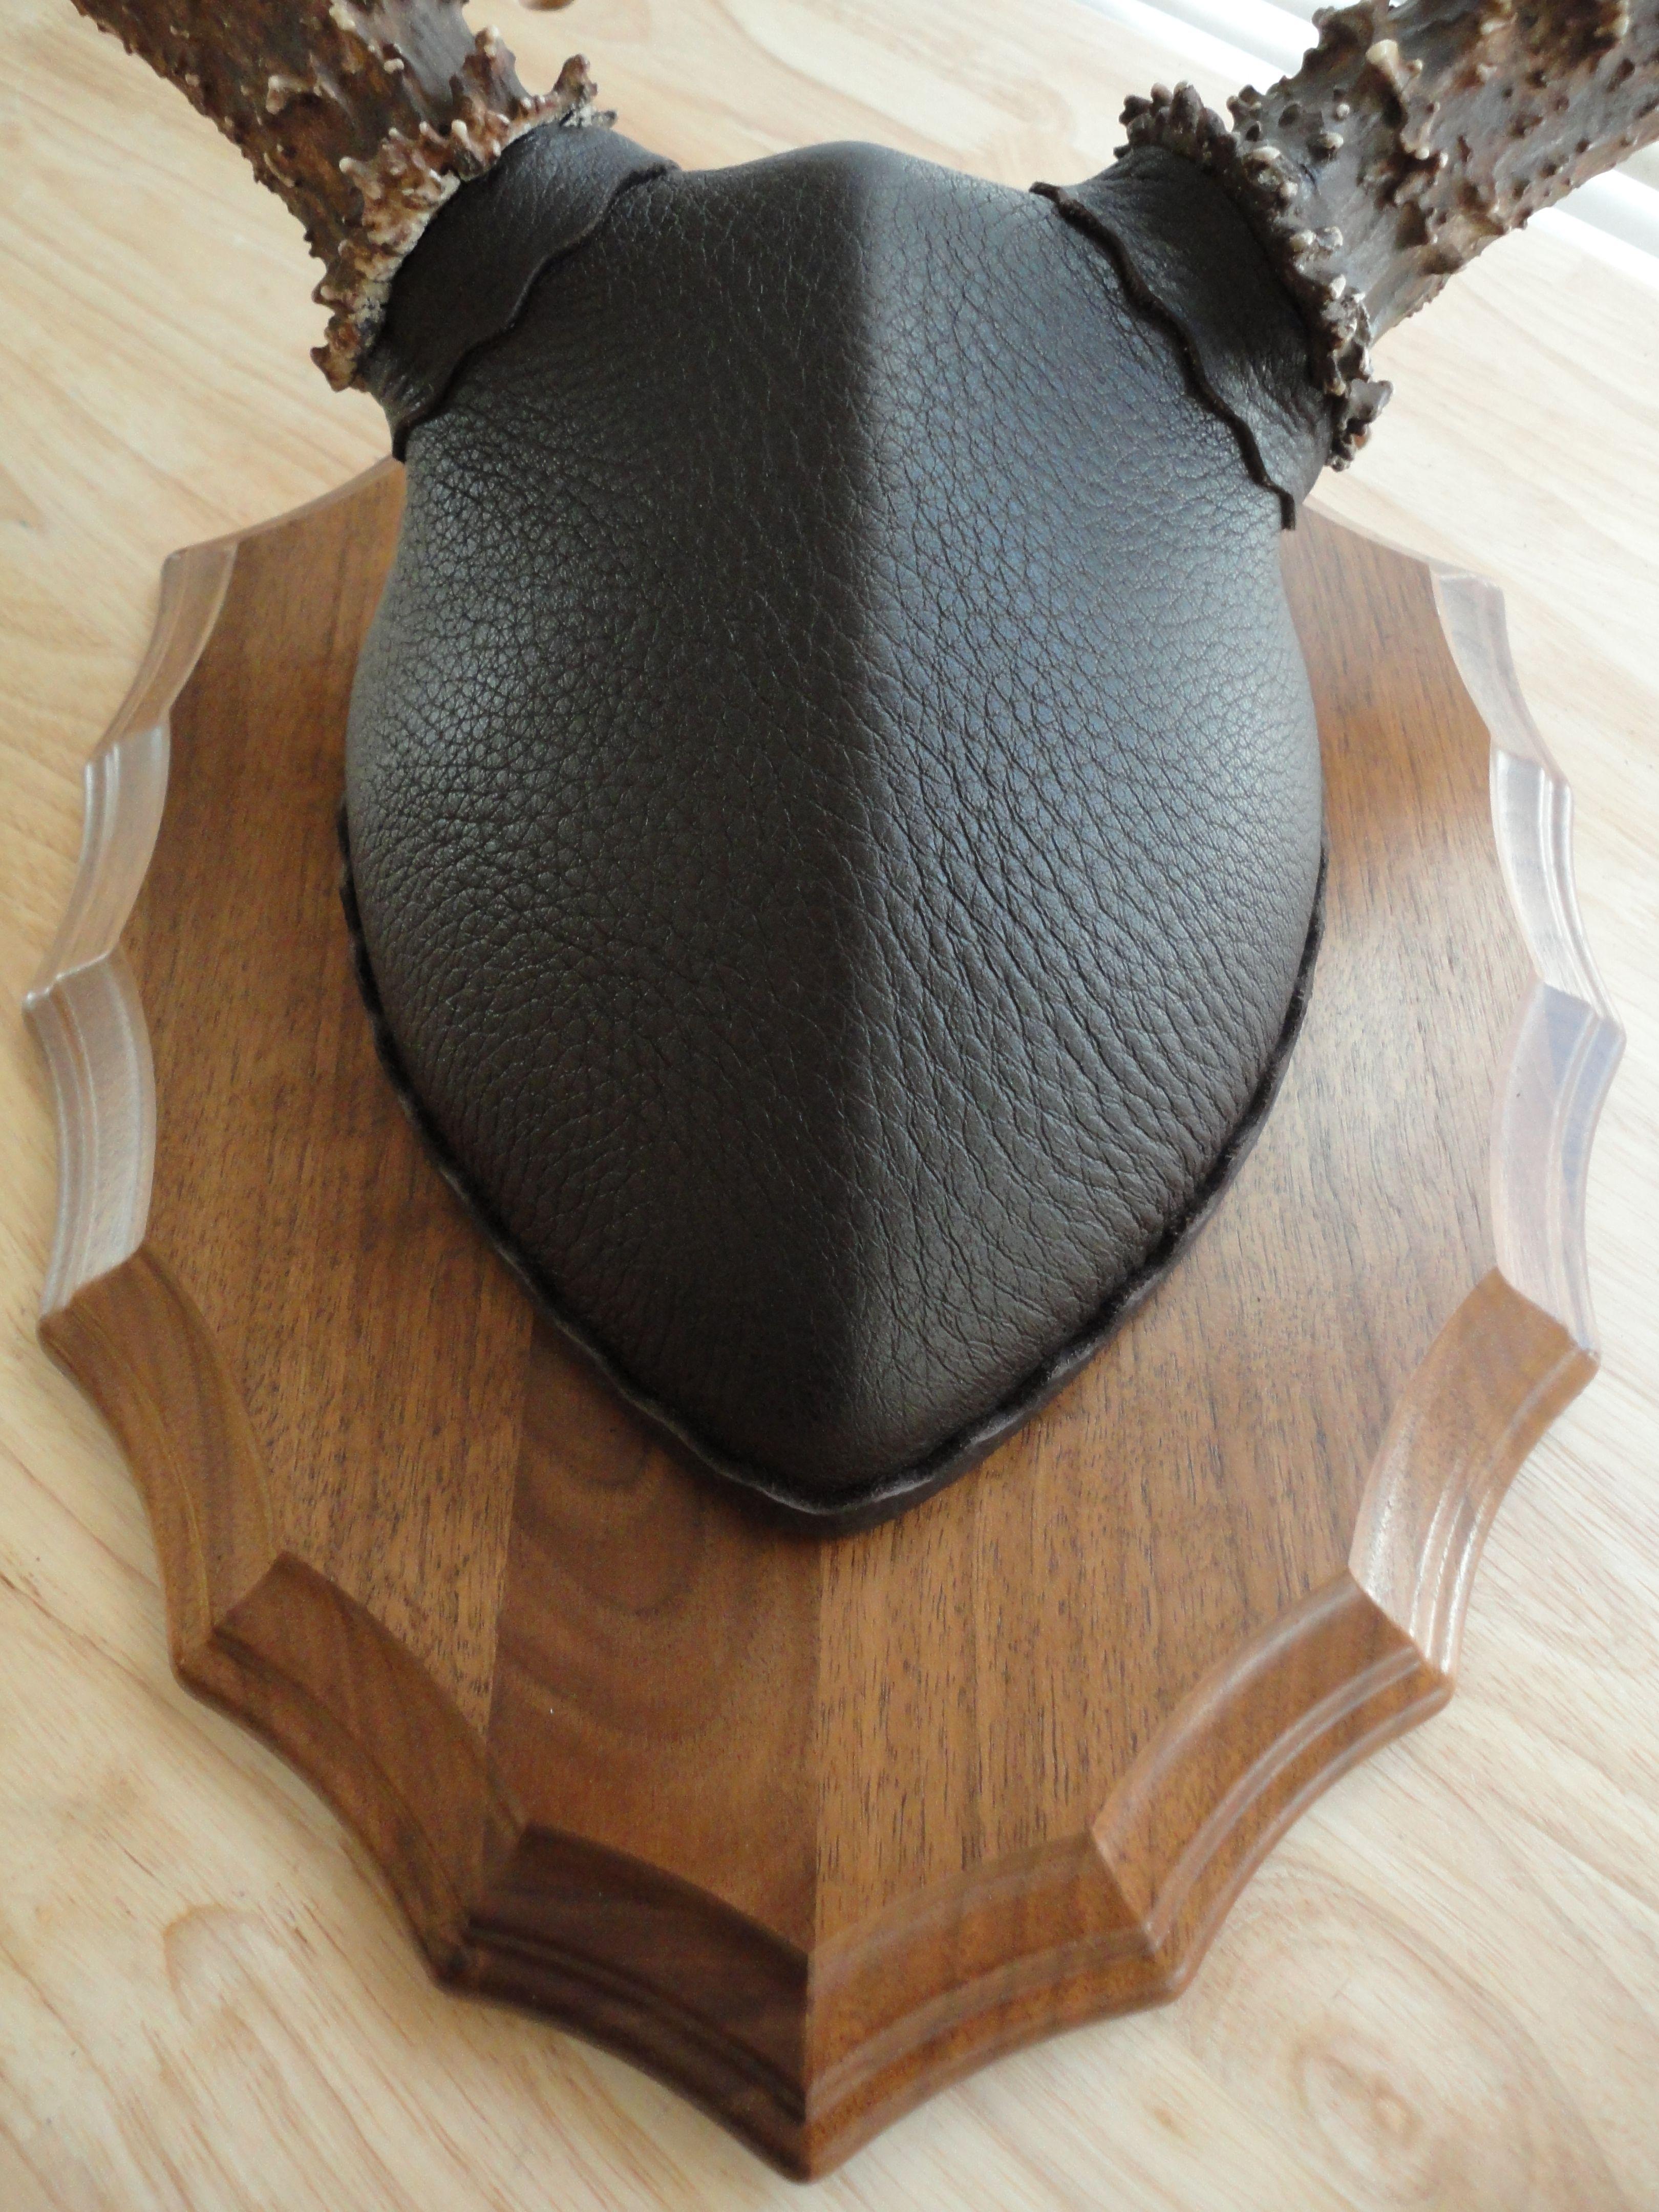 Deer antler mounting kit instructions - Genuine Top Grain Deer Skin Leather Wrap On Classic Antler Mount Custom Teardrop Form